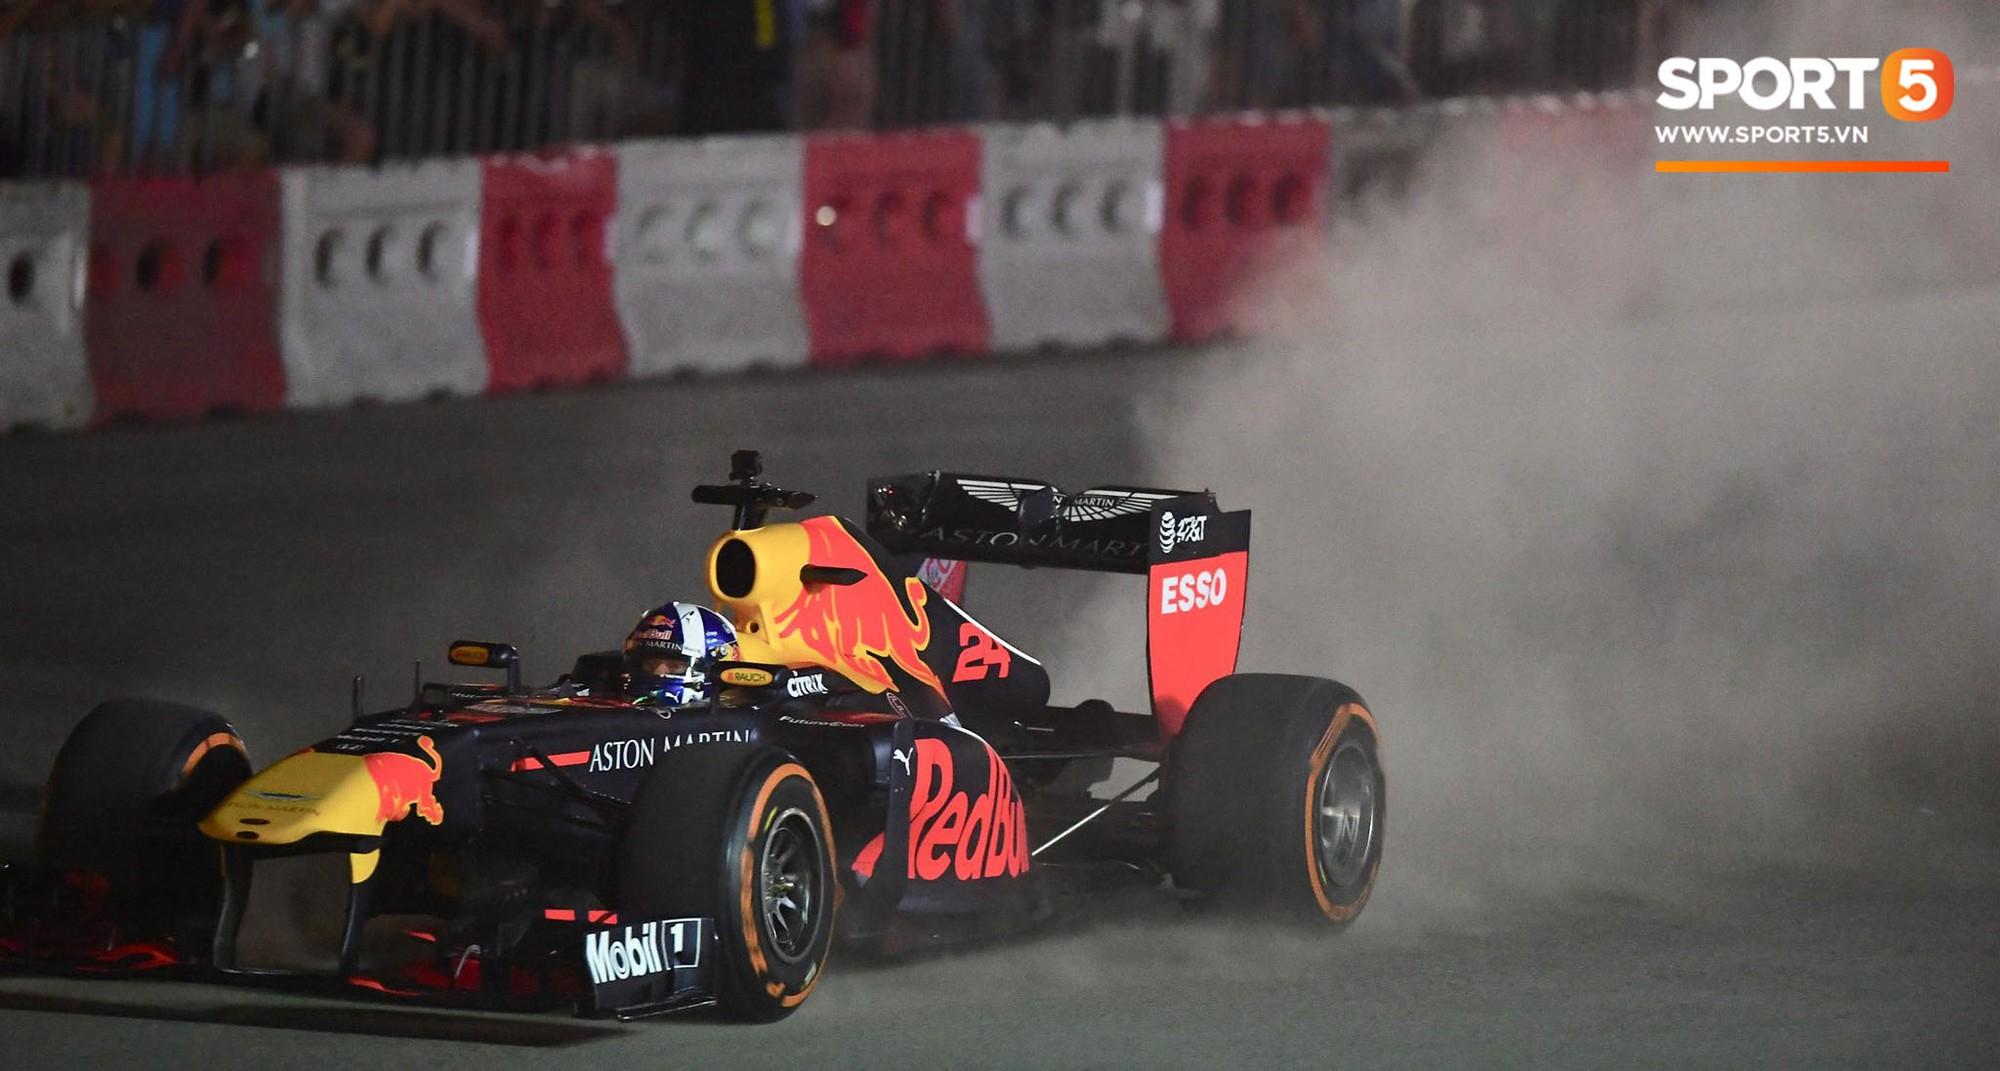 Sự kiện Khởi động F1 Việt Nam Grand Prix: Hoành tráng, mãn nhãn và đầy hứa hẹn - Ảnh 9.